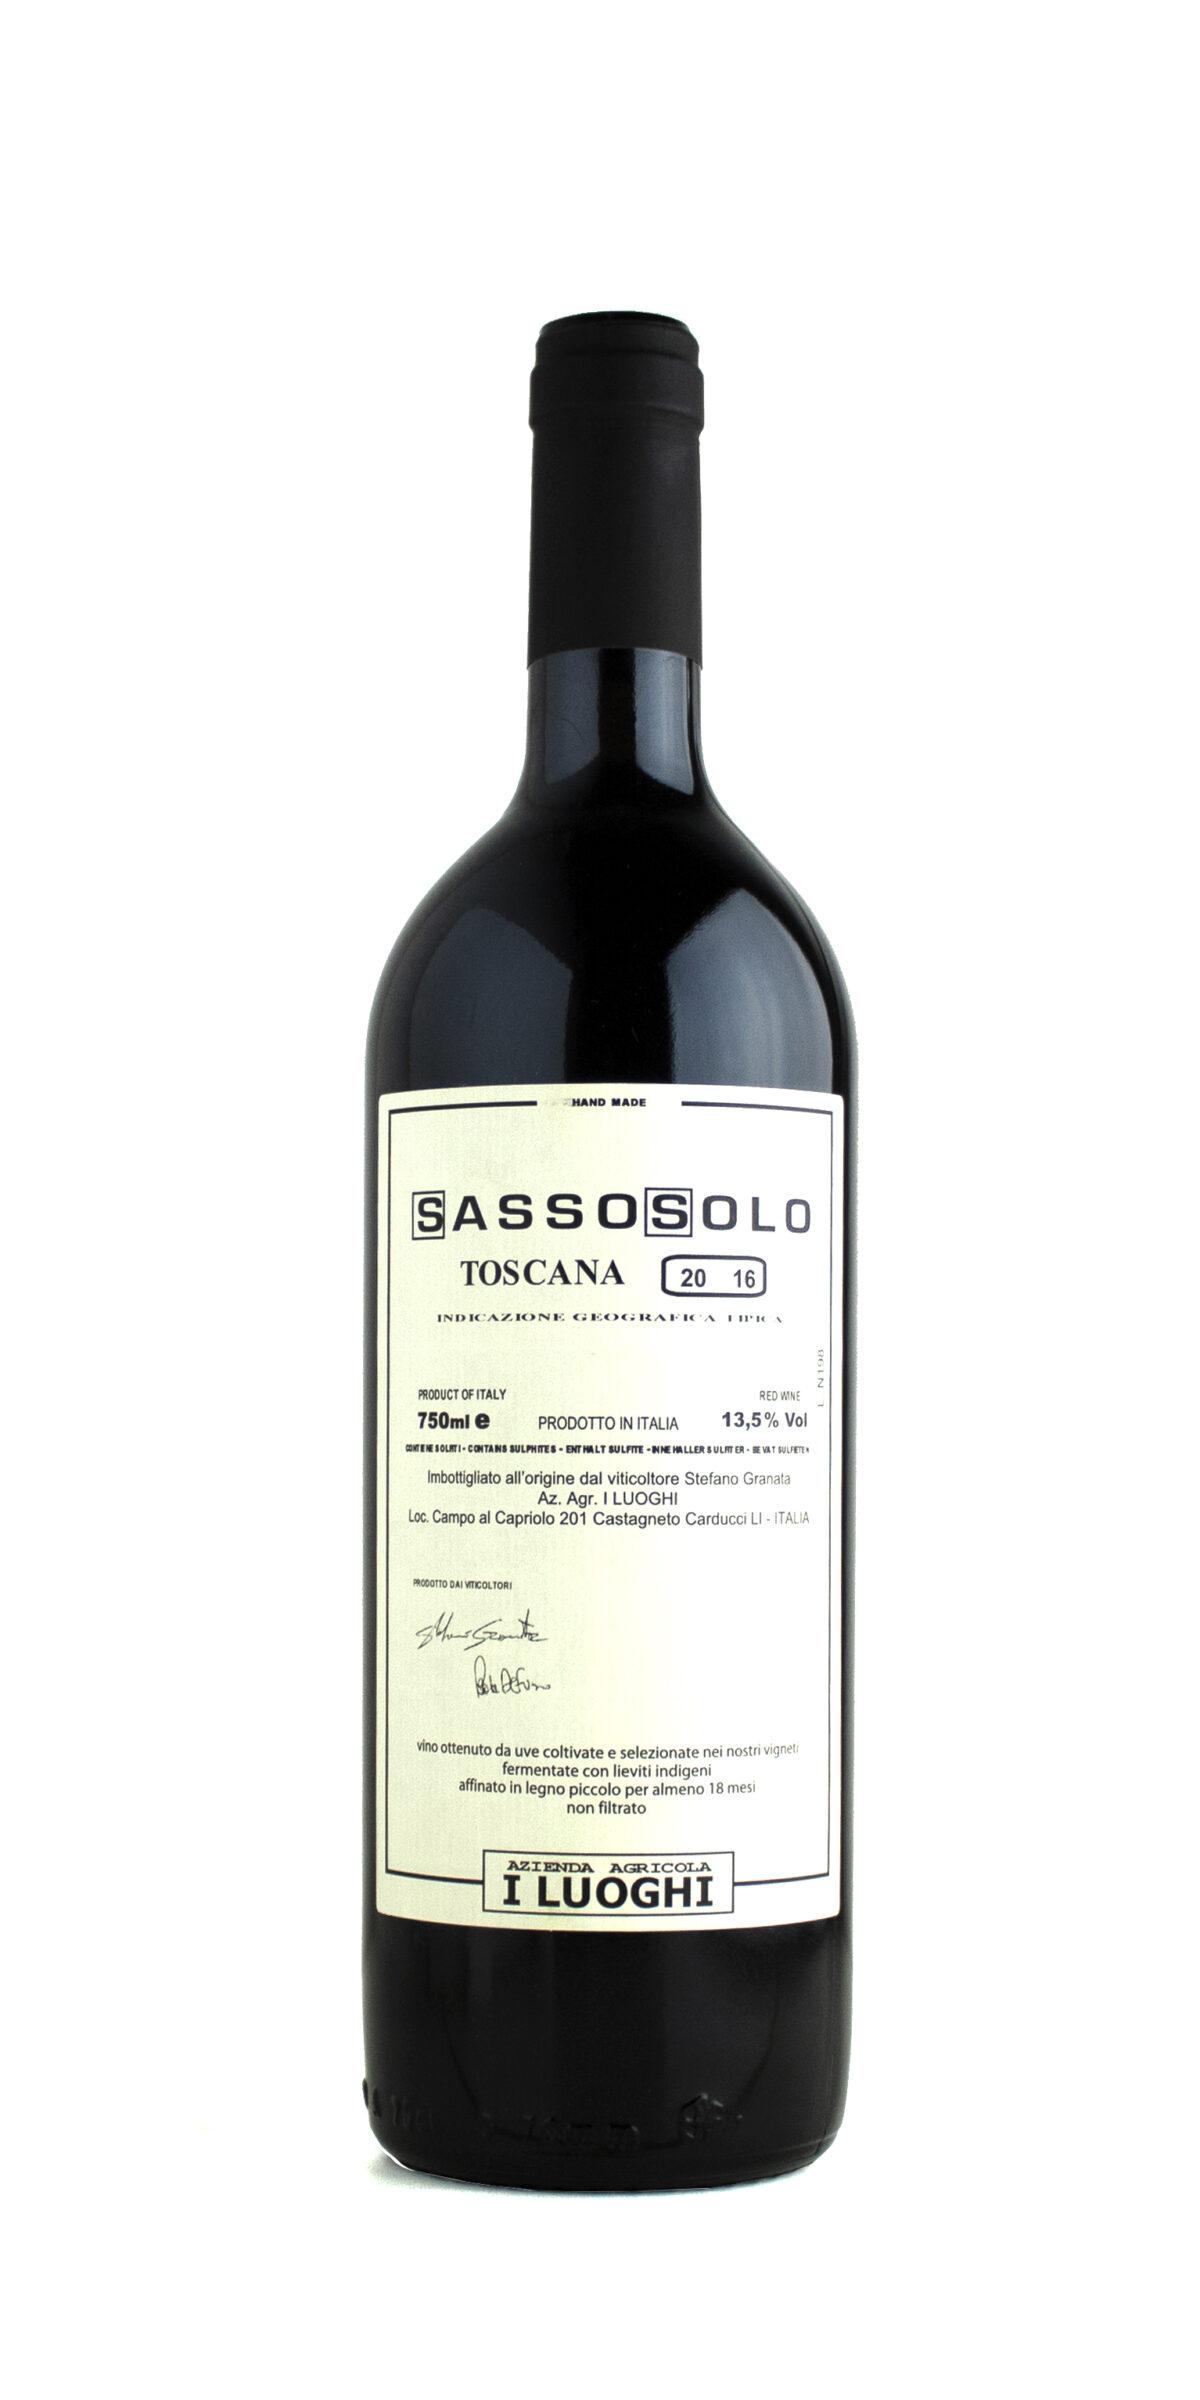 I Luoghi Sassosolo 2016